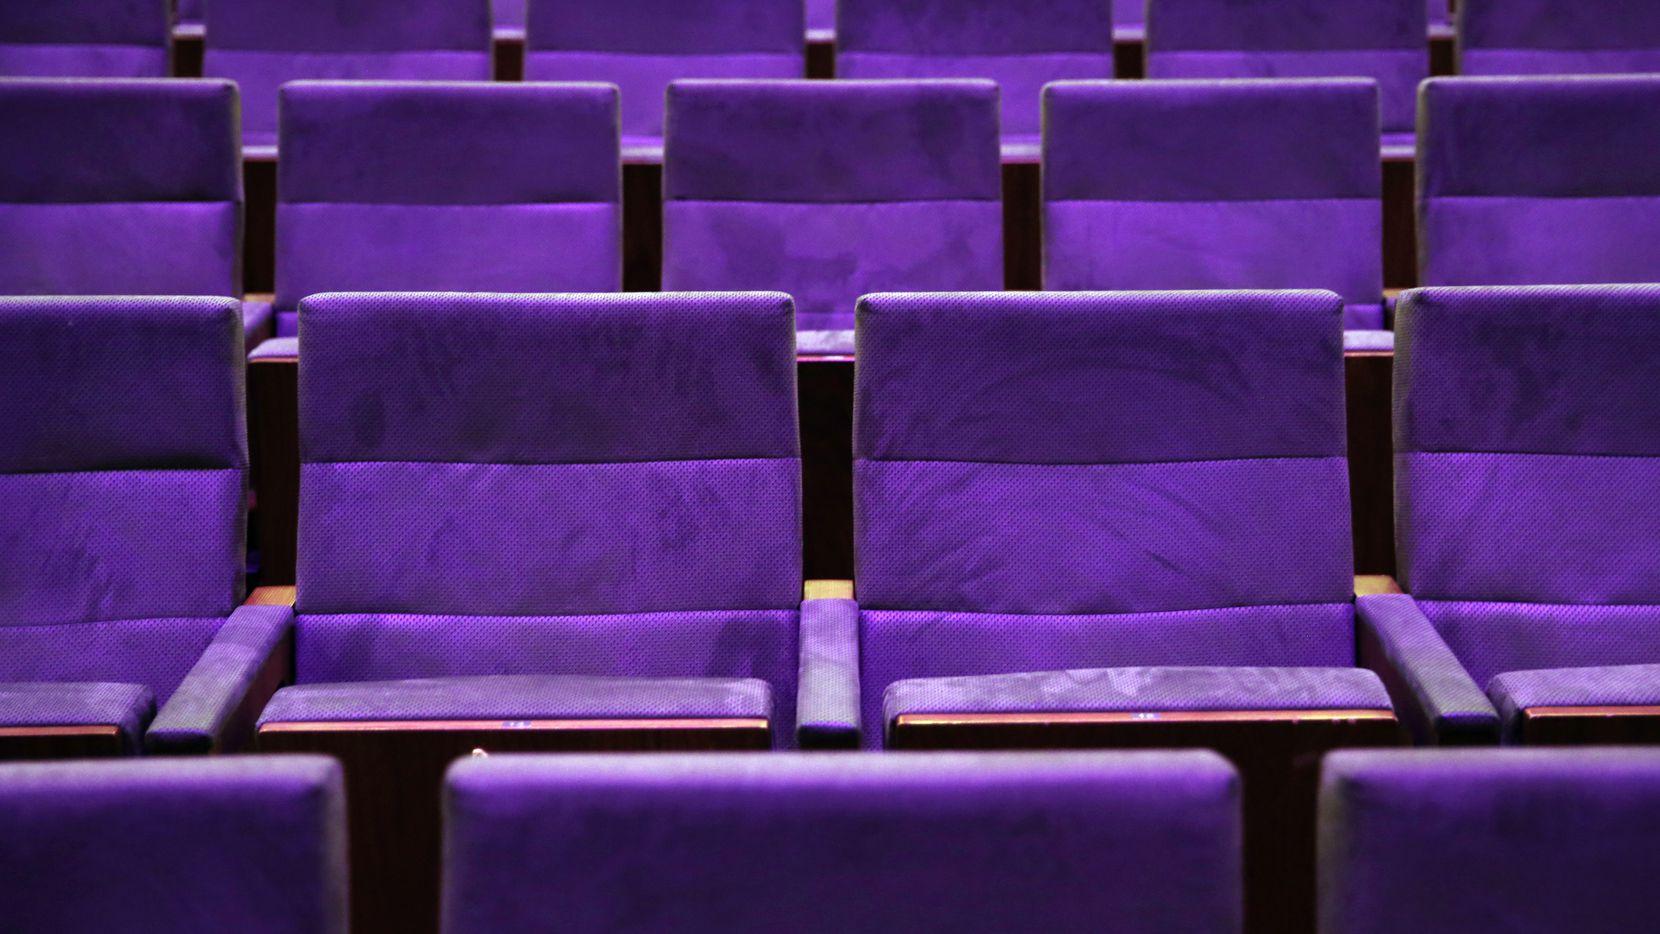 Theater seats in Dallas on Dec. 10, 2018.